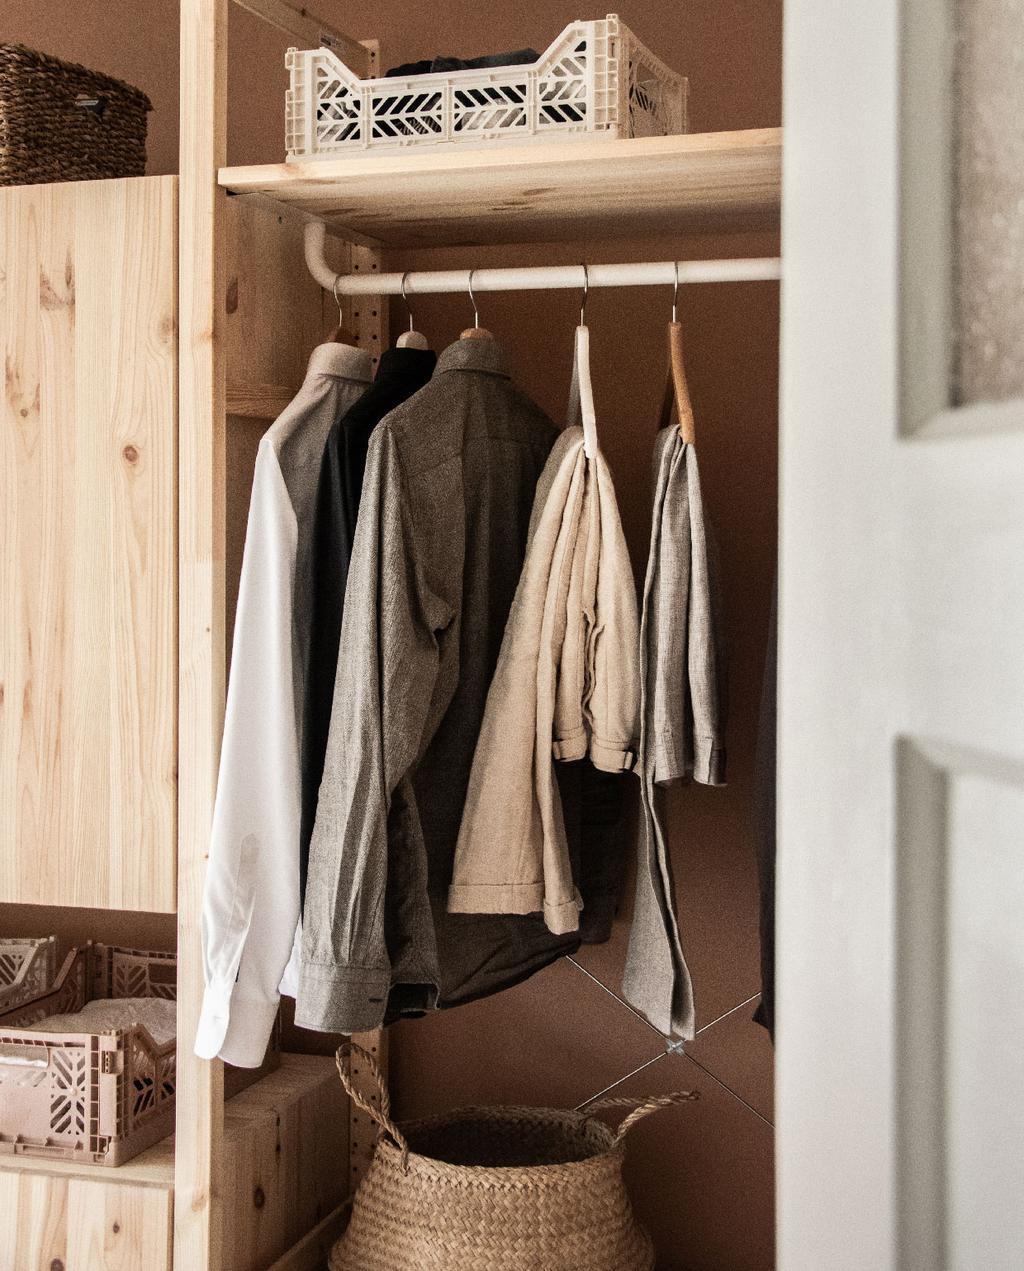 vtwonen blog rachel | open kledingkast ikea ivar diy